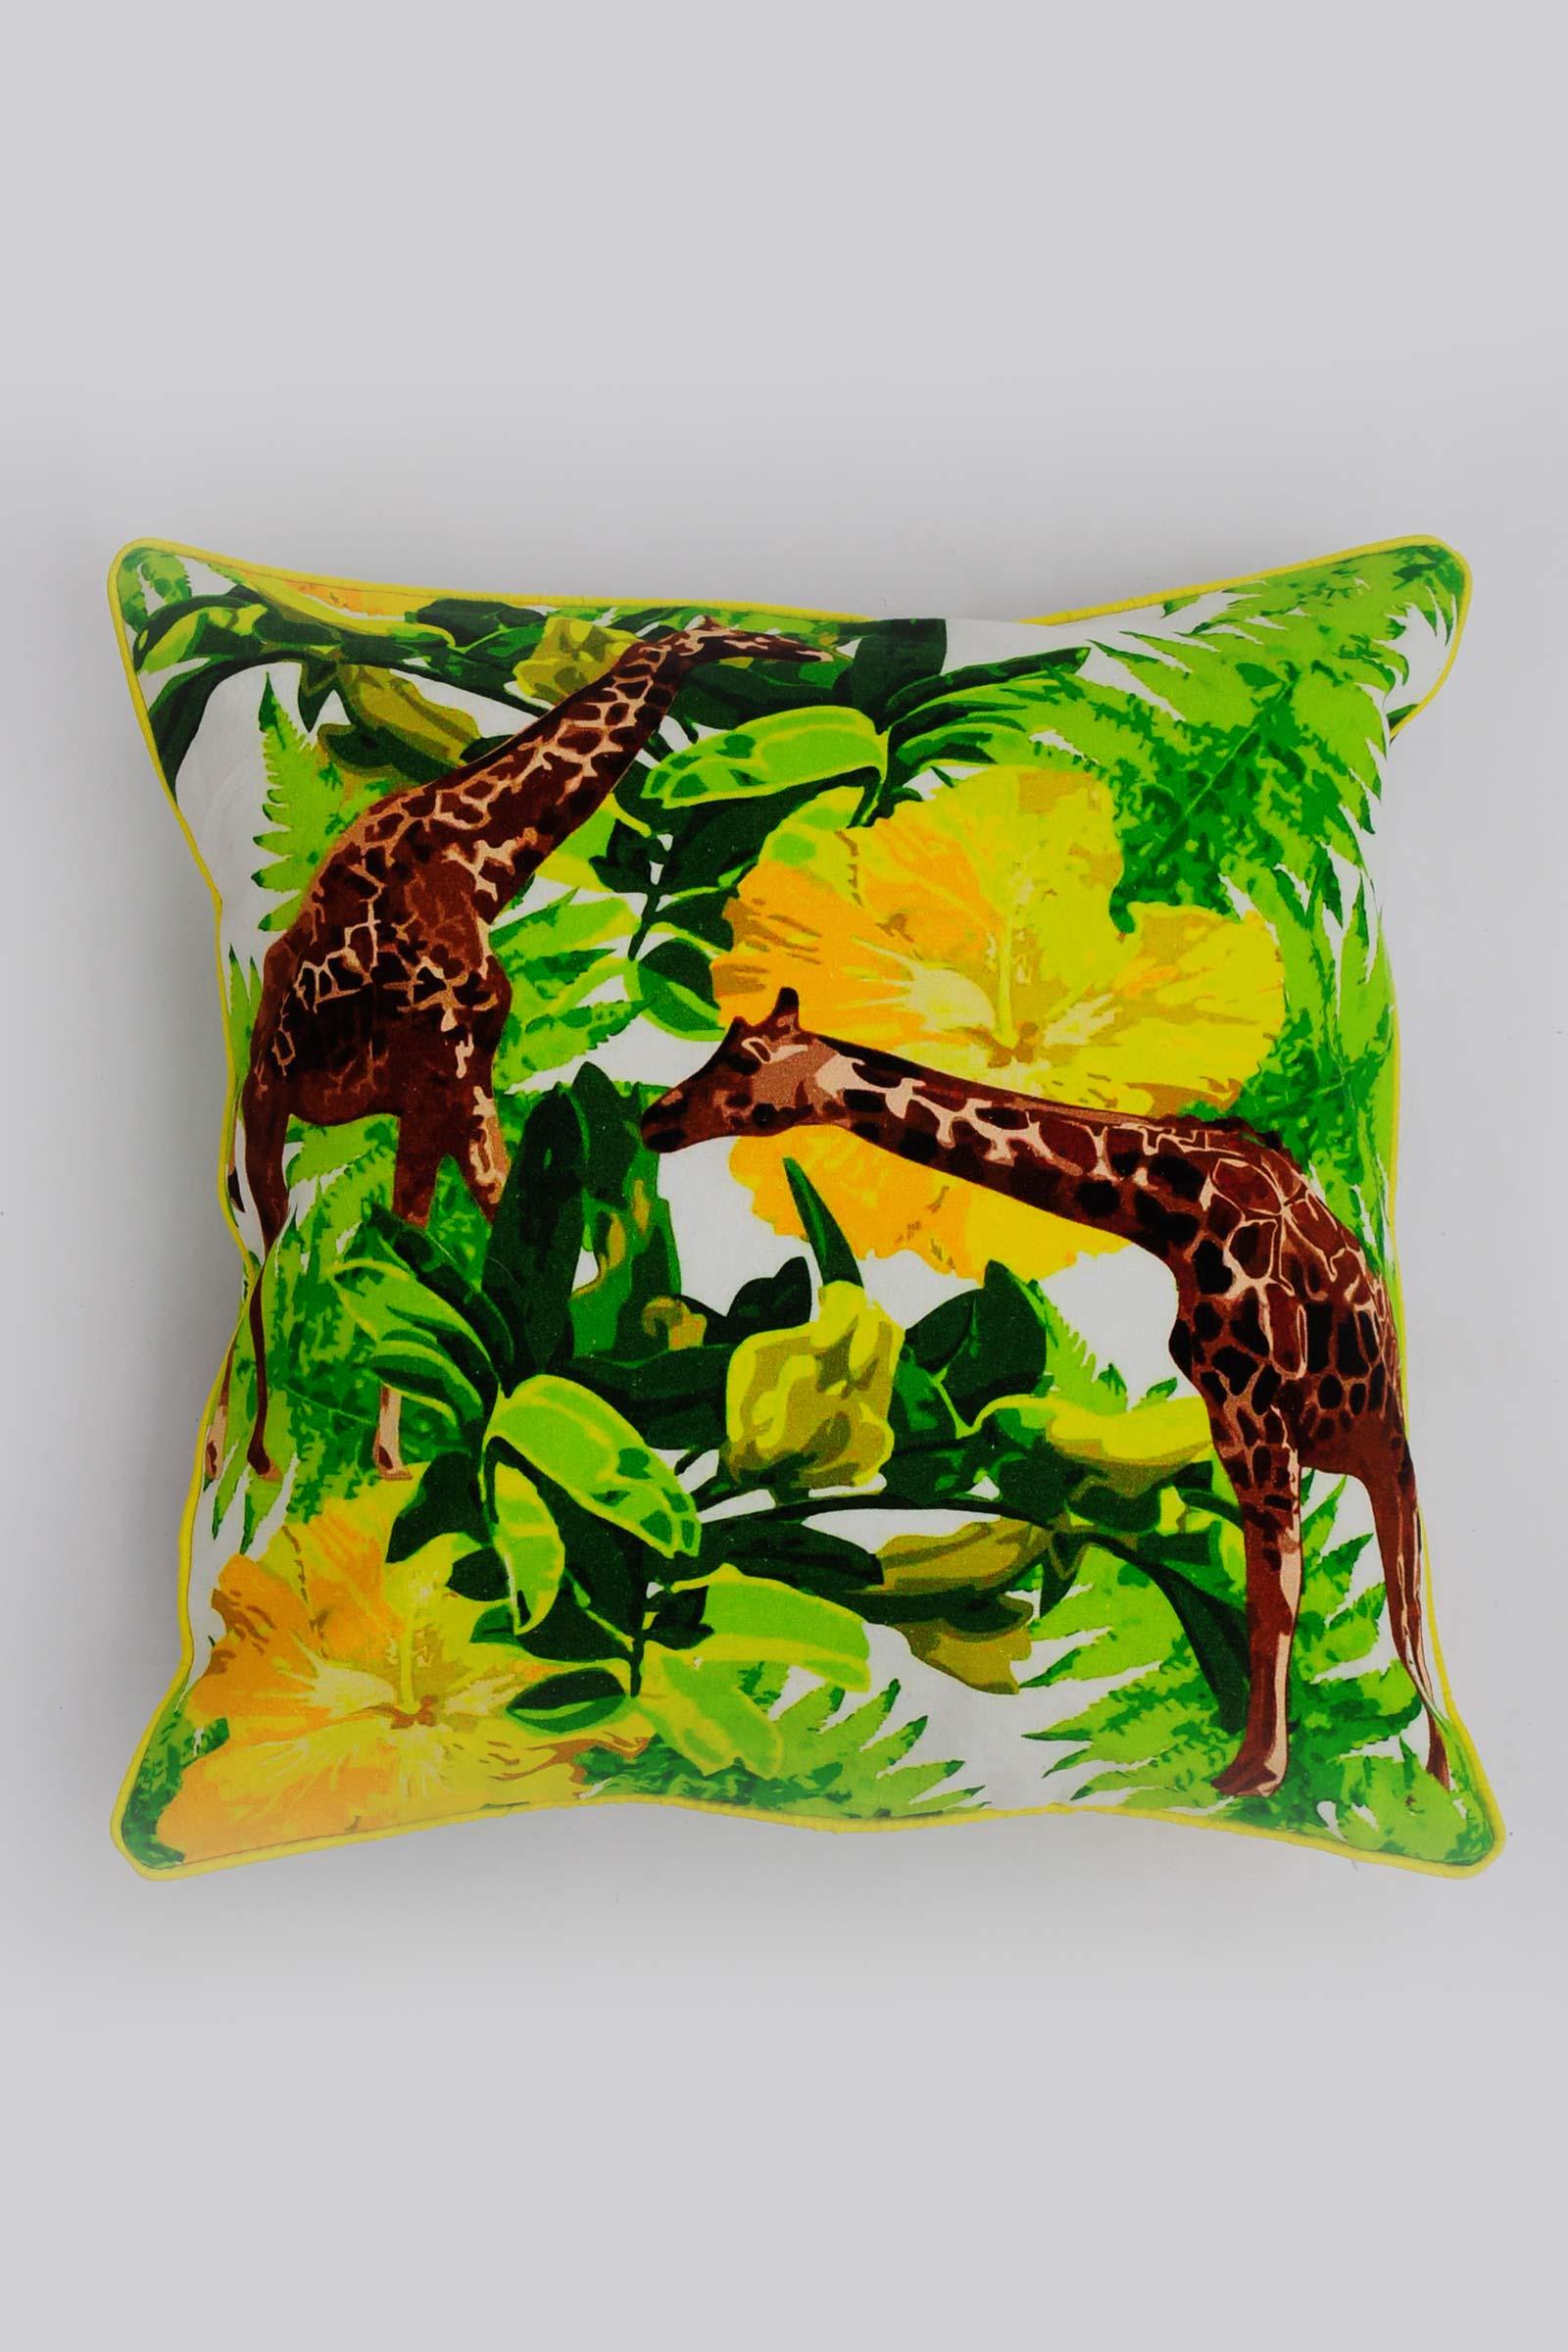 Giraffe16*16 Cushion Cover